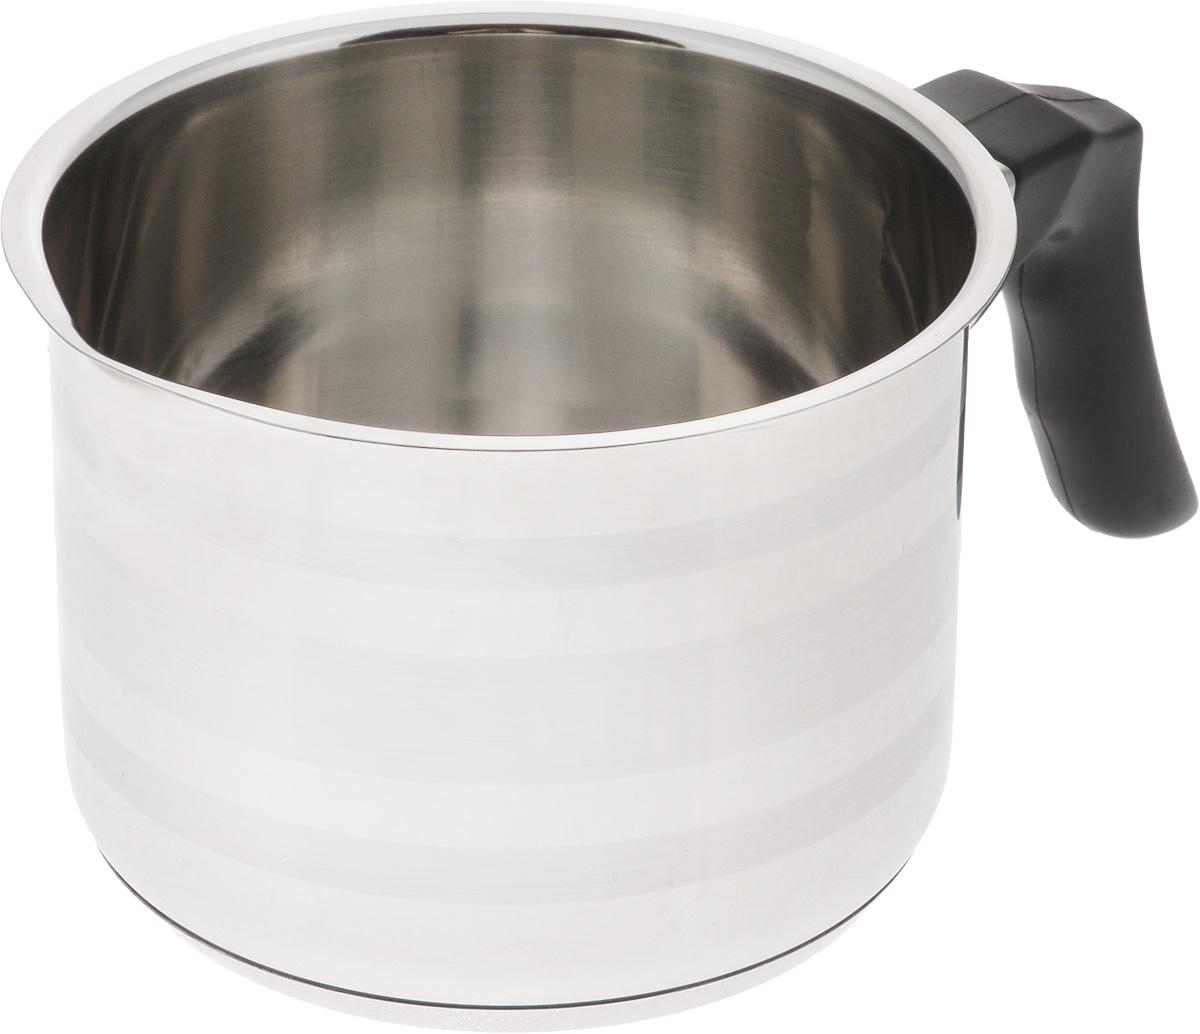 Молочник SSW, 1 л441113Молочник SSW выполнен из высококачественной нержавеющей стали. Внешние стенки изделия оформлены сочетанием зеркальной и матовой поверхности. Молочник оснащен удобной пластиковой ручкой. Кромка изделия оснащена специальным носиком для удобного выливания содержимого. Молочник SSW займет достойное место на вашей кухне! Подходит для электрических, газовых, индукционных и стеклокерамических плит. Можно мыть в посудомоечной машине. Объем: 1 л. Высота стенки: 9,5 см. Диаметр дна: 10,5 см. Диаметр (по верхнему краю): 12 см. Ширина молочника (с учетом ручки и носика): 19,5 см.